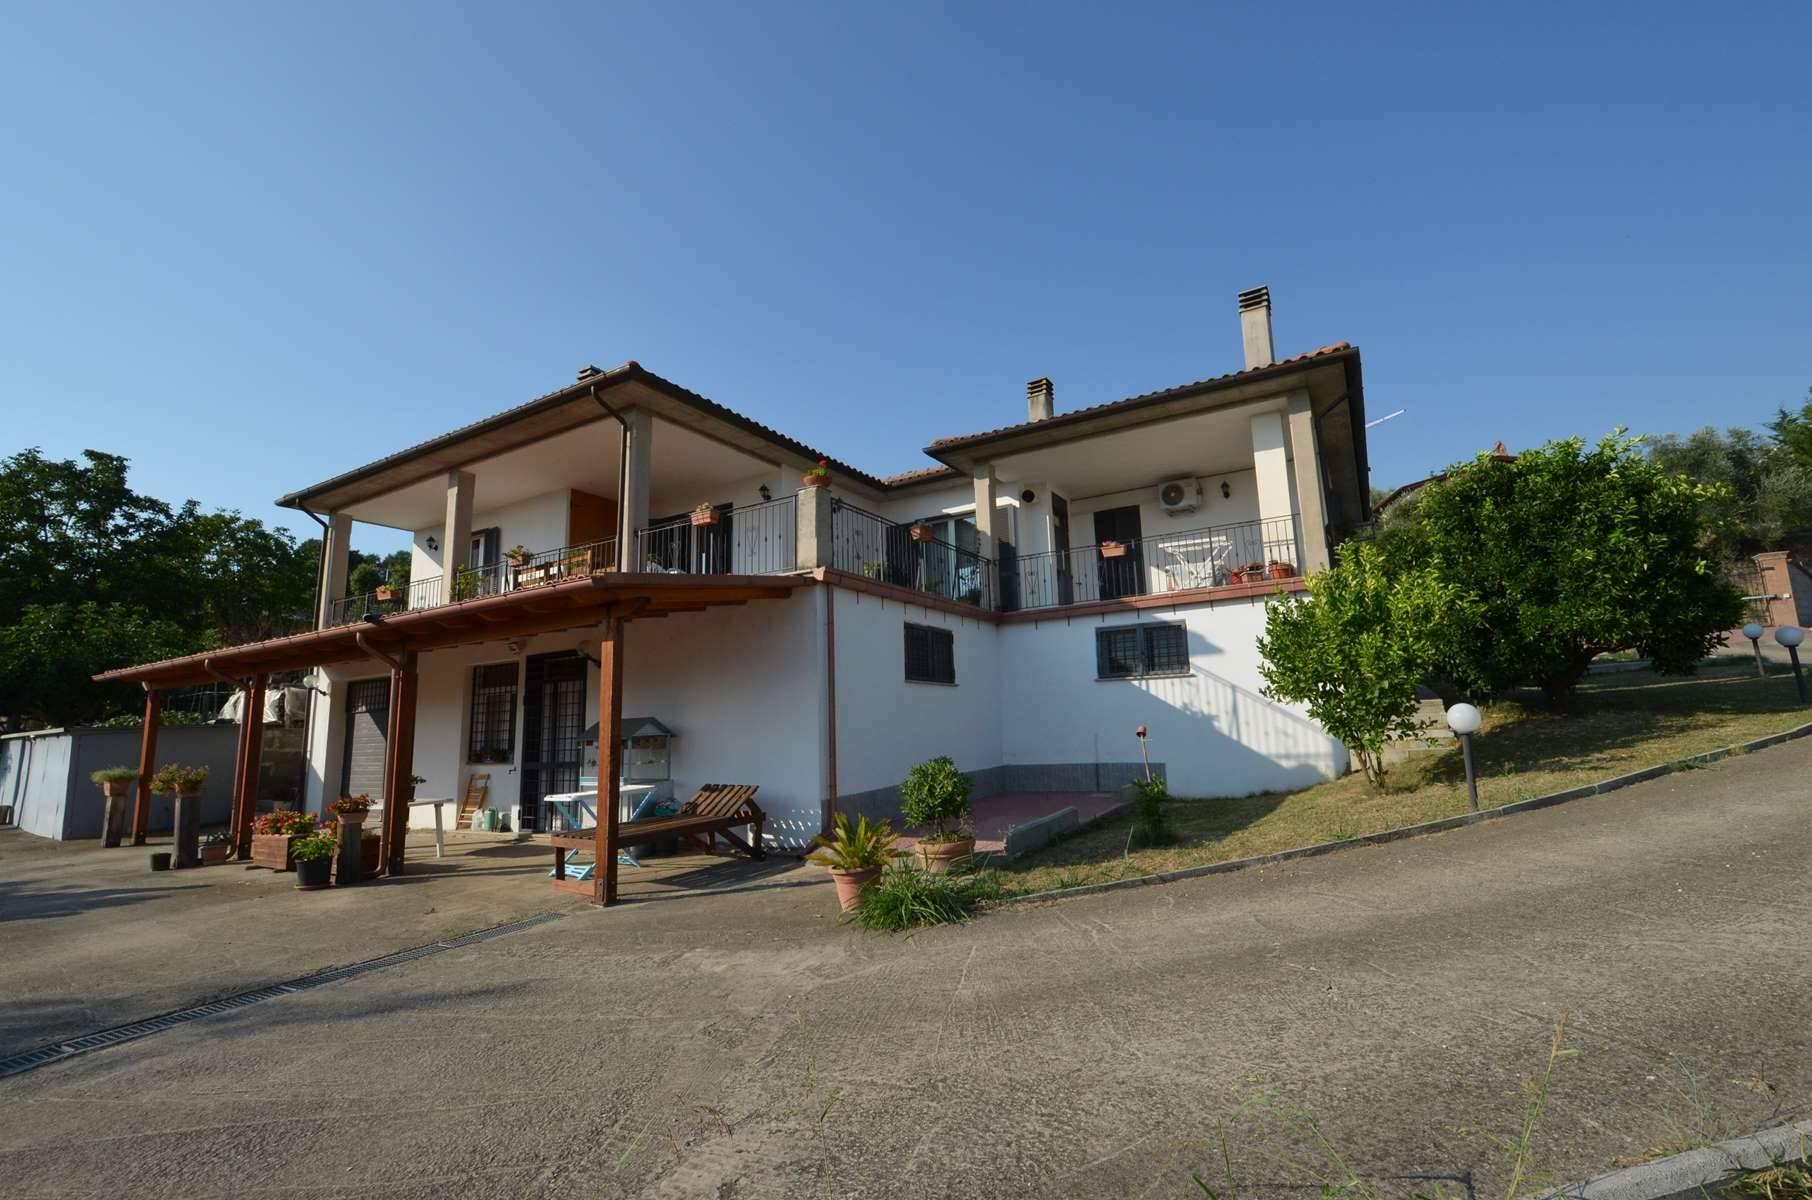 COLLEVECCHIO, Zona Sant'Angelo - In posizione dominante e panoramica proponiamo in vendita splendita Villa di recente costruzione su due livelli con